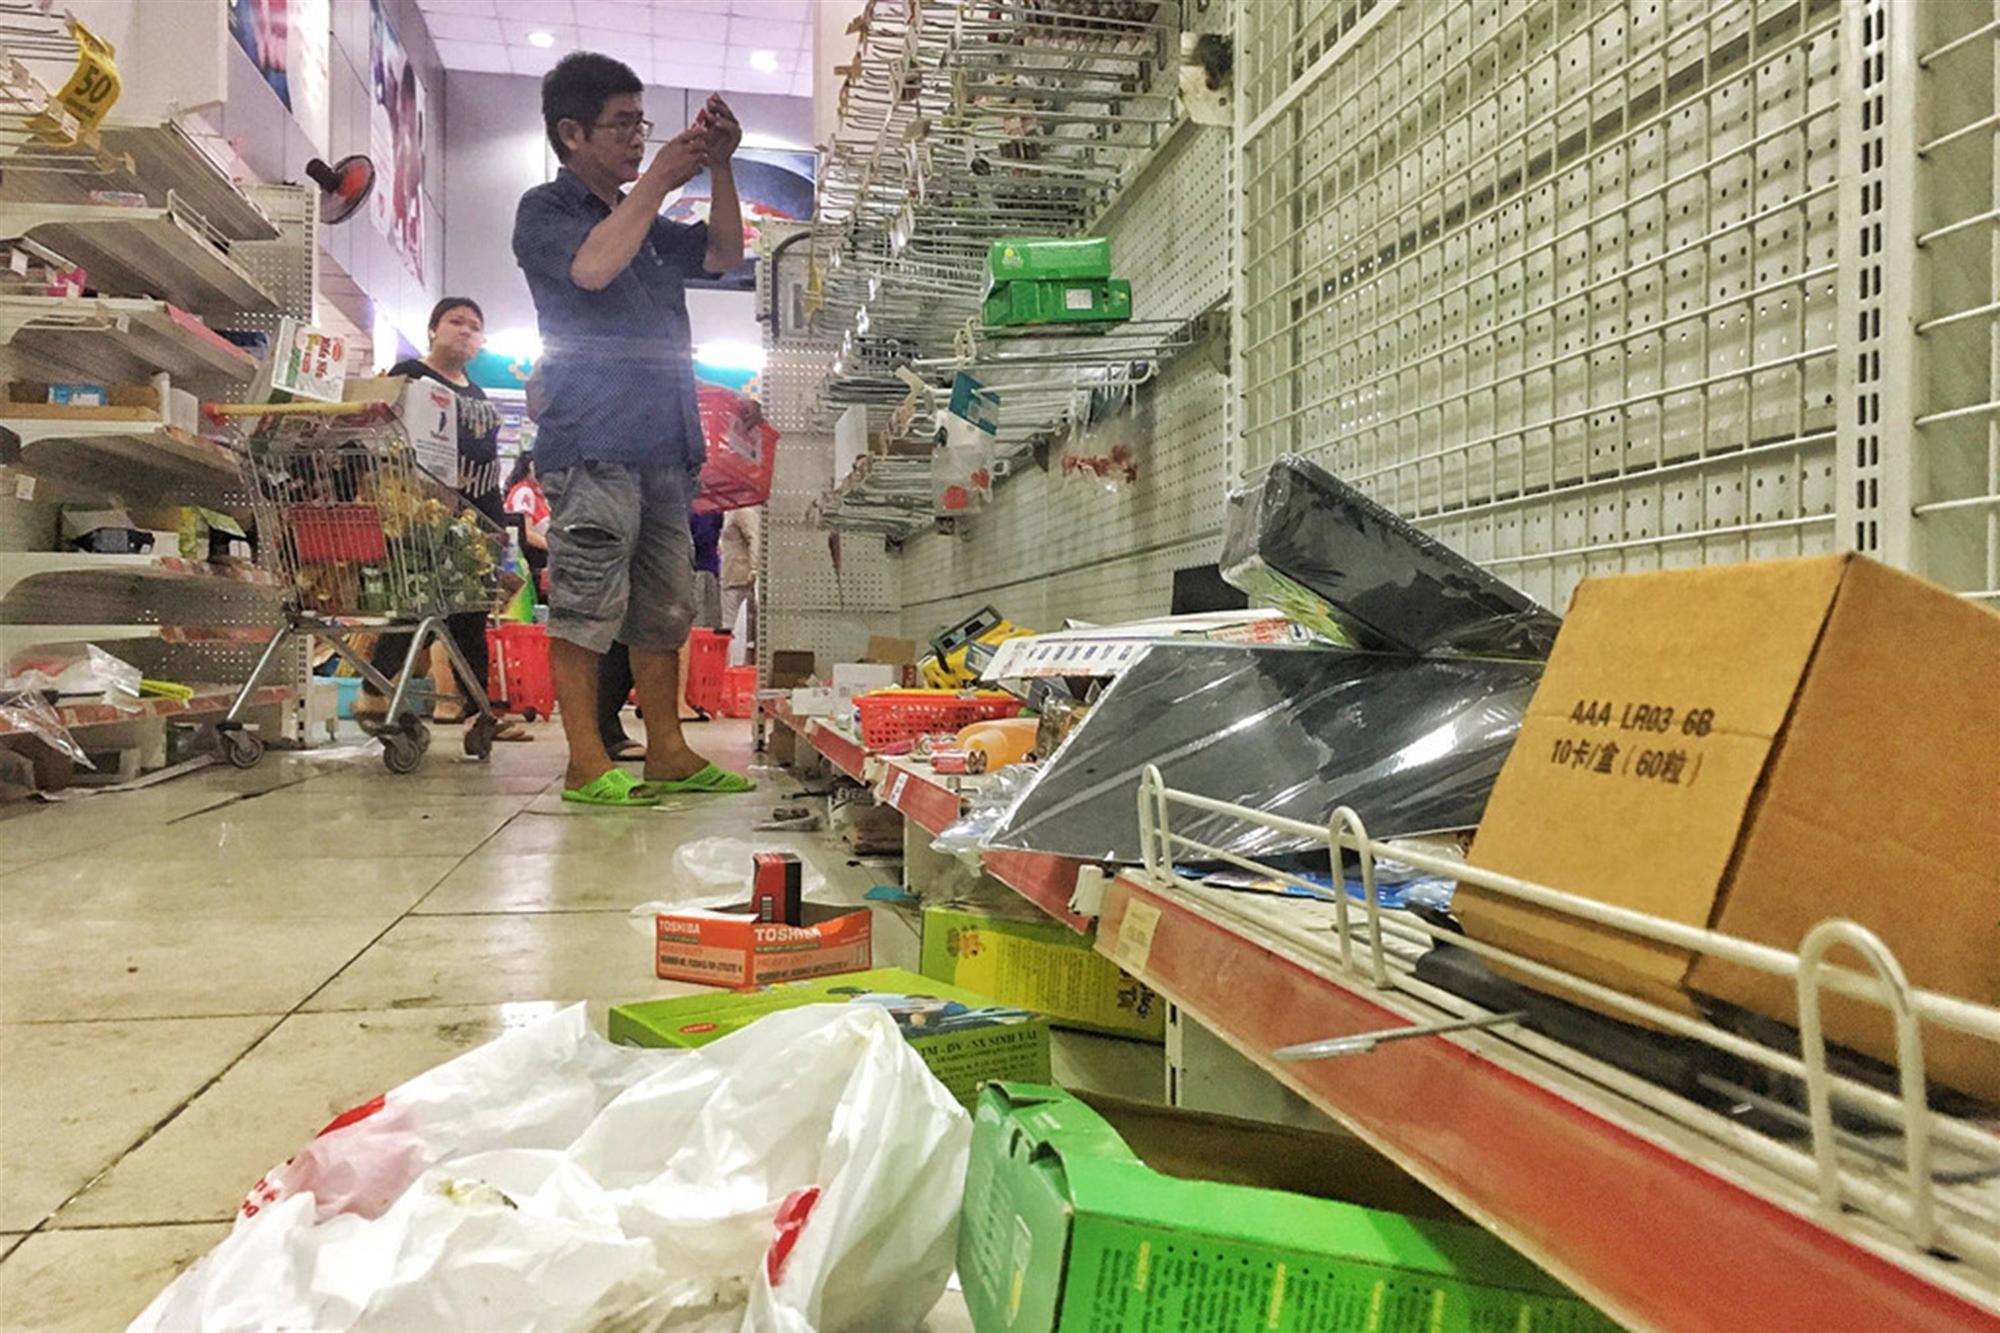 Khách vứt hàng bừa bãi, Auchan tan hoang trước ngày đóng cửa-1